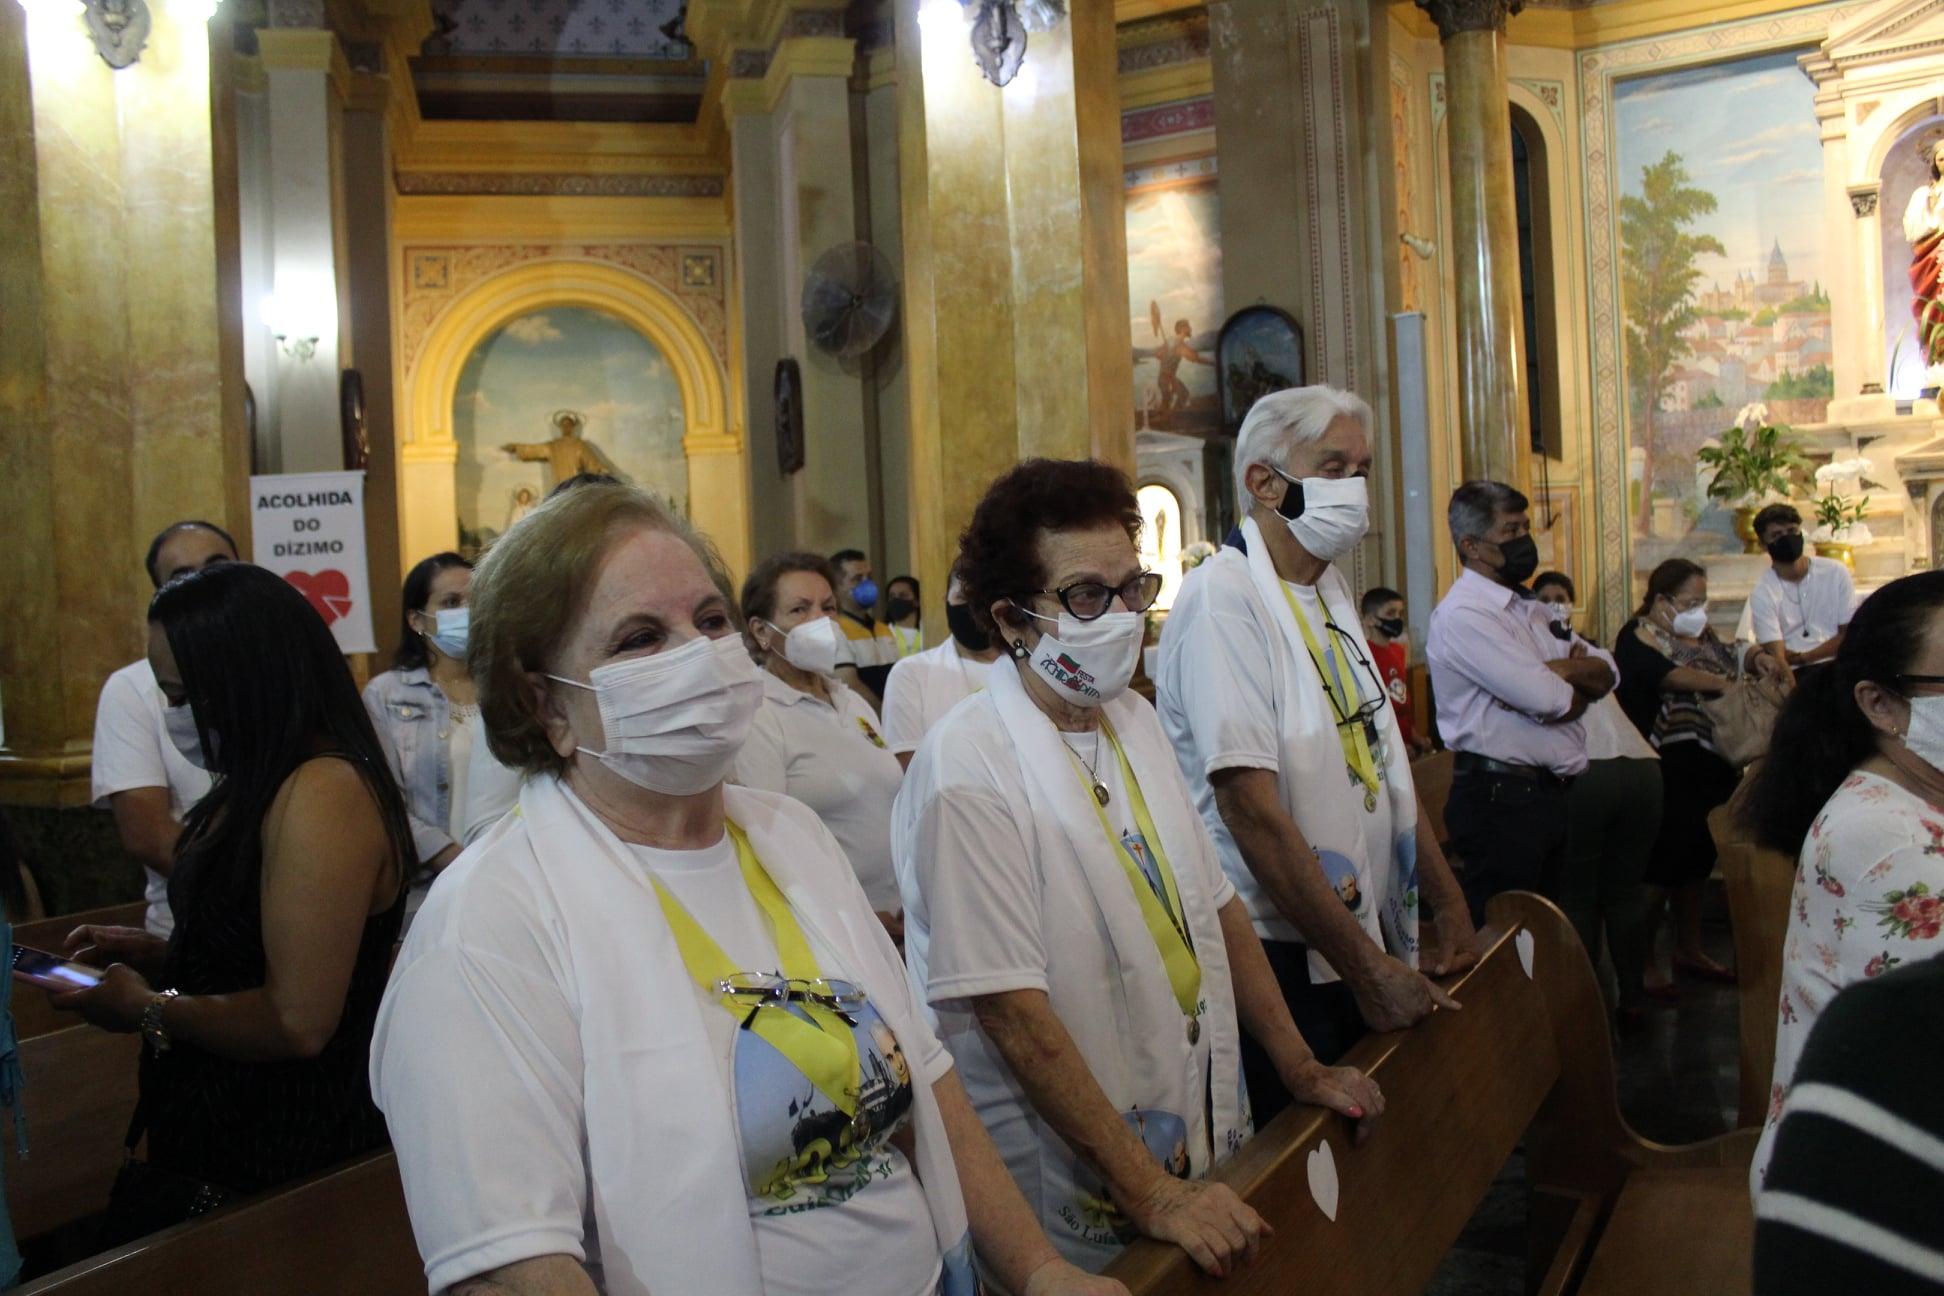 07-Centenario-chegada-de-SLO-ao-Brasil-19-ago-21-15